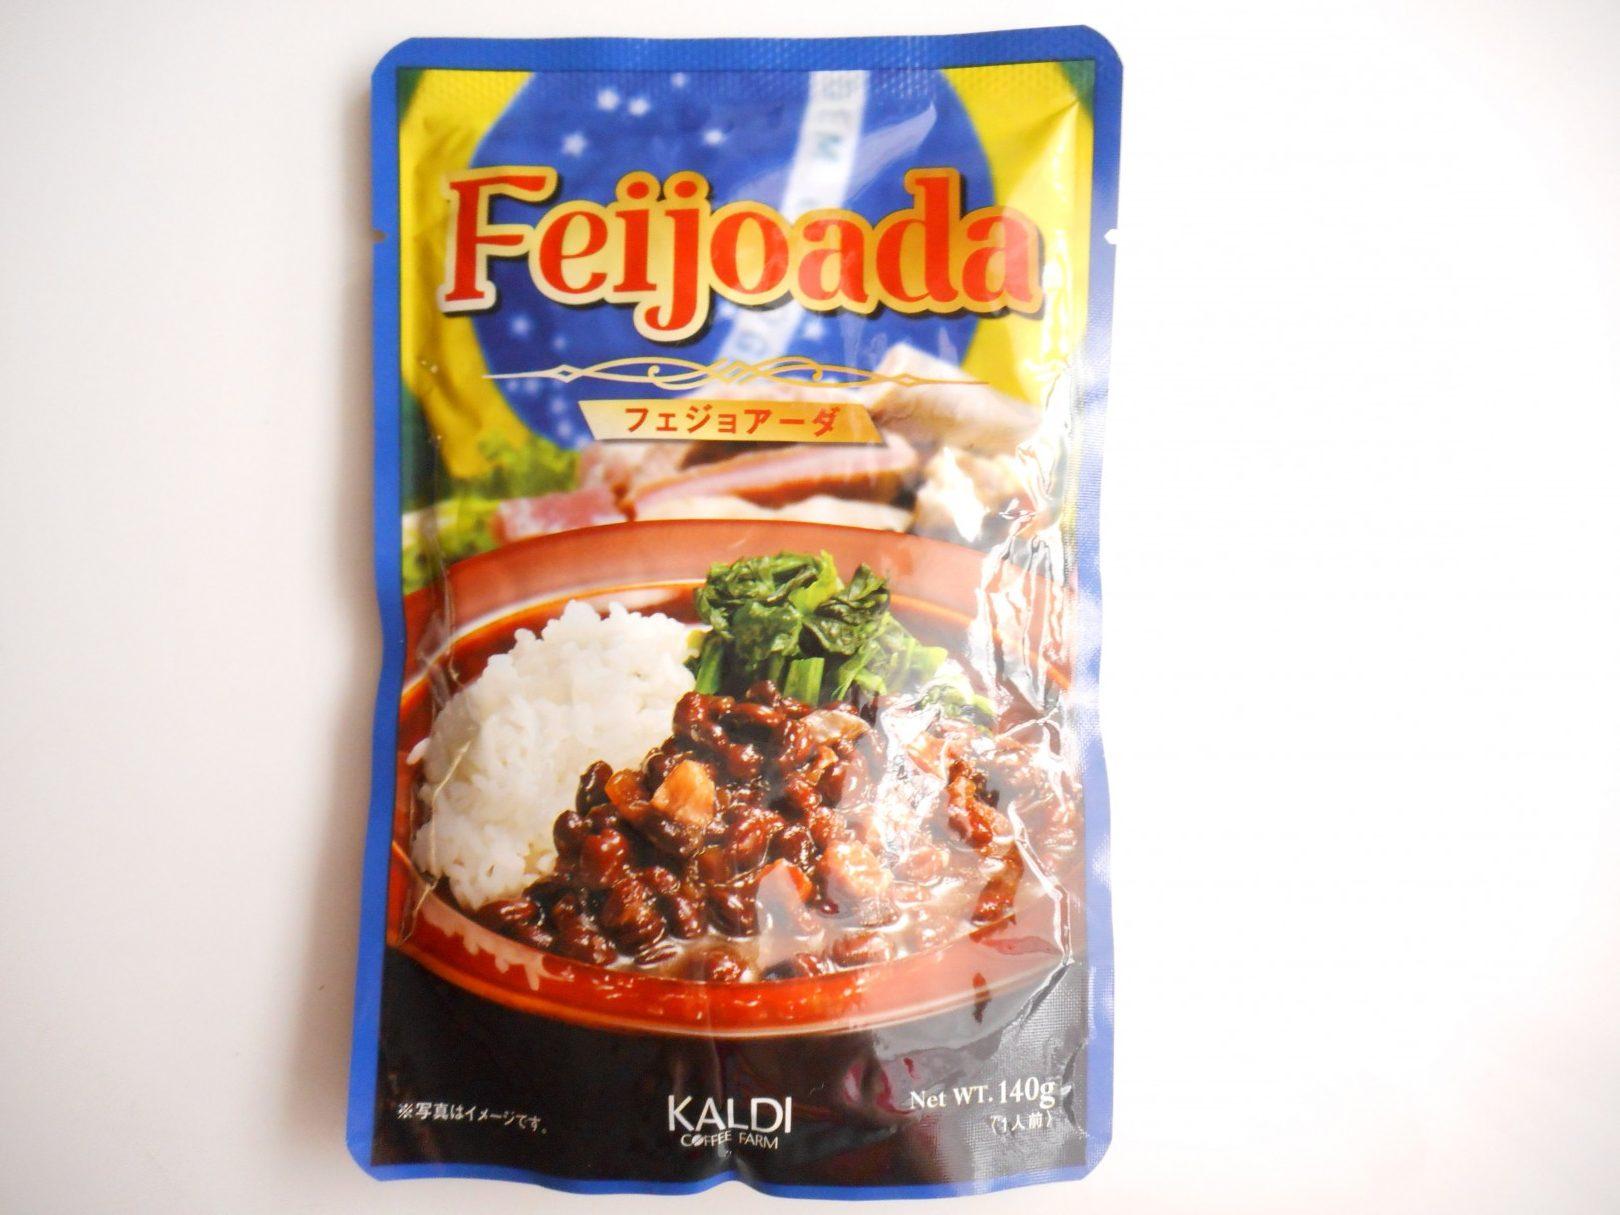 ブラジルの異国情緒溢れるパッケージ。1人前 税込288円。期間限定商品です。